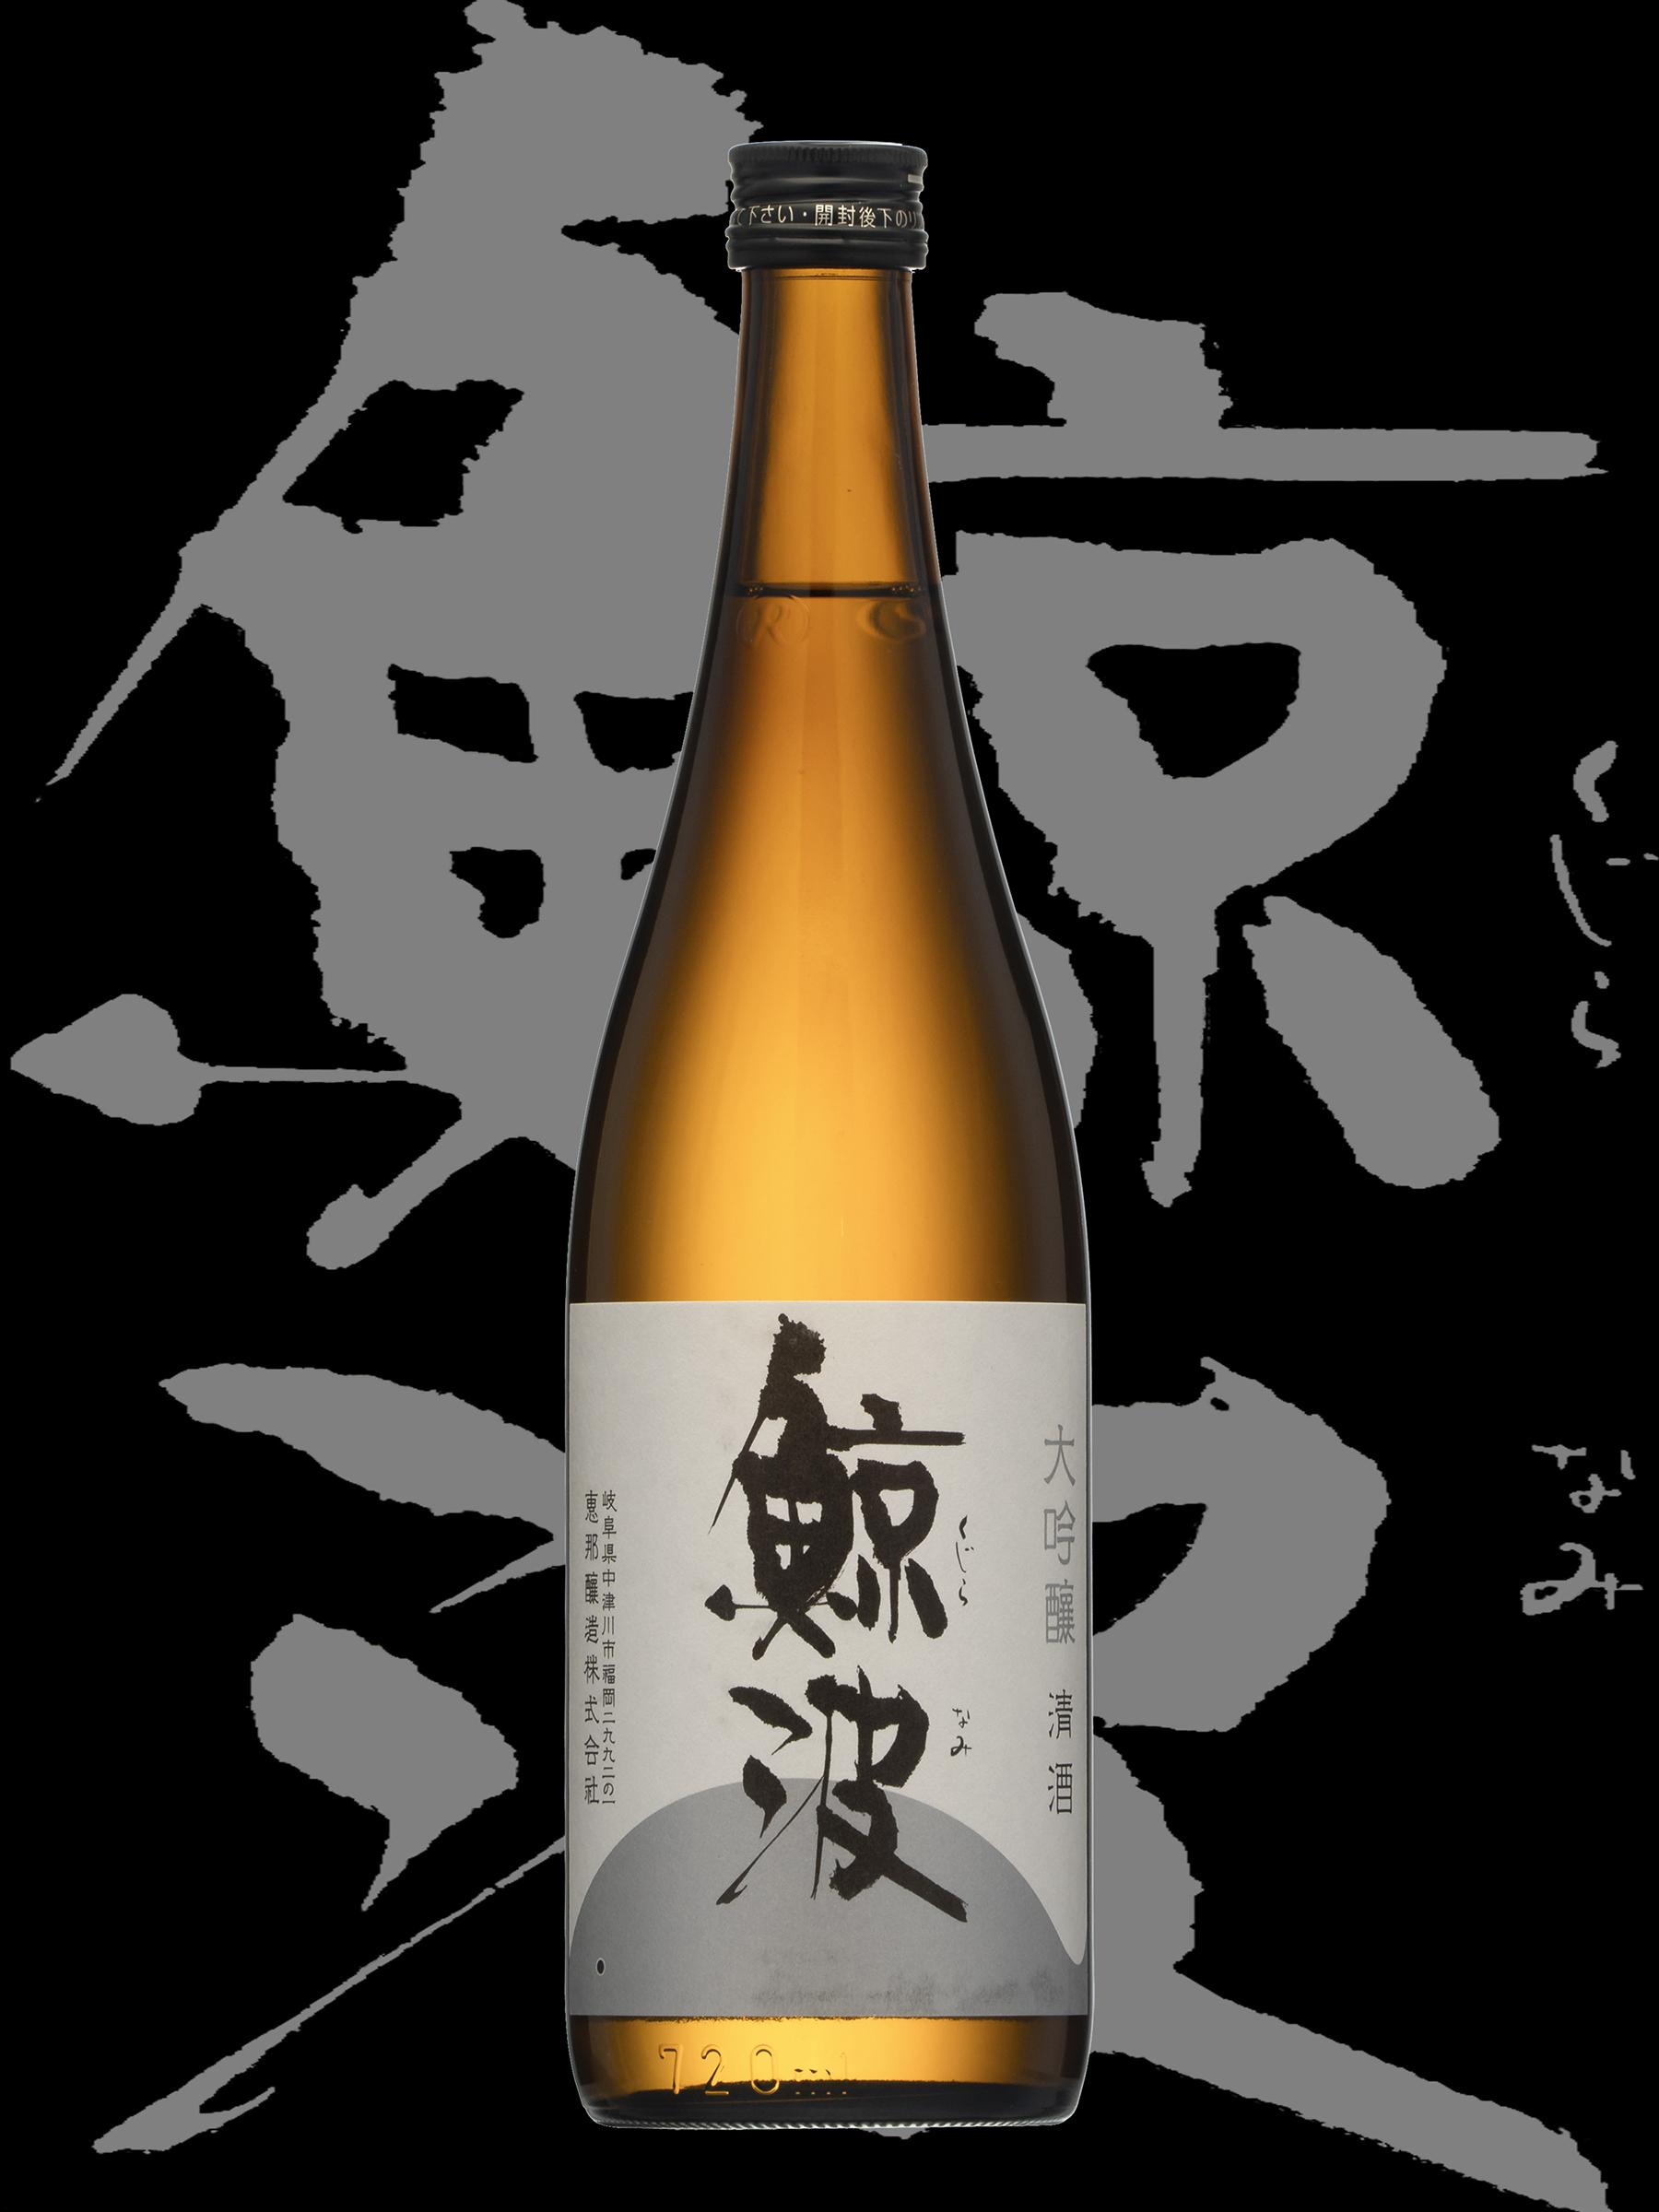 鯨波(くじらなみ)「大吟醸」全国新酒鑑評会出品酒 山田錦40